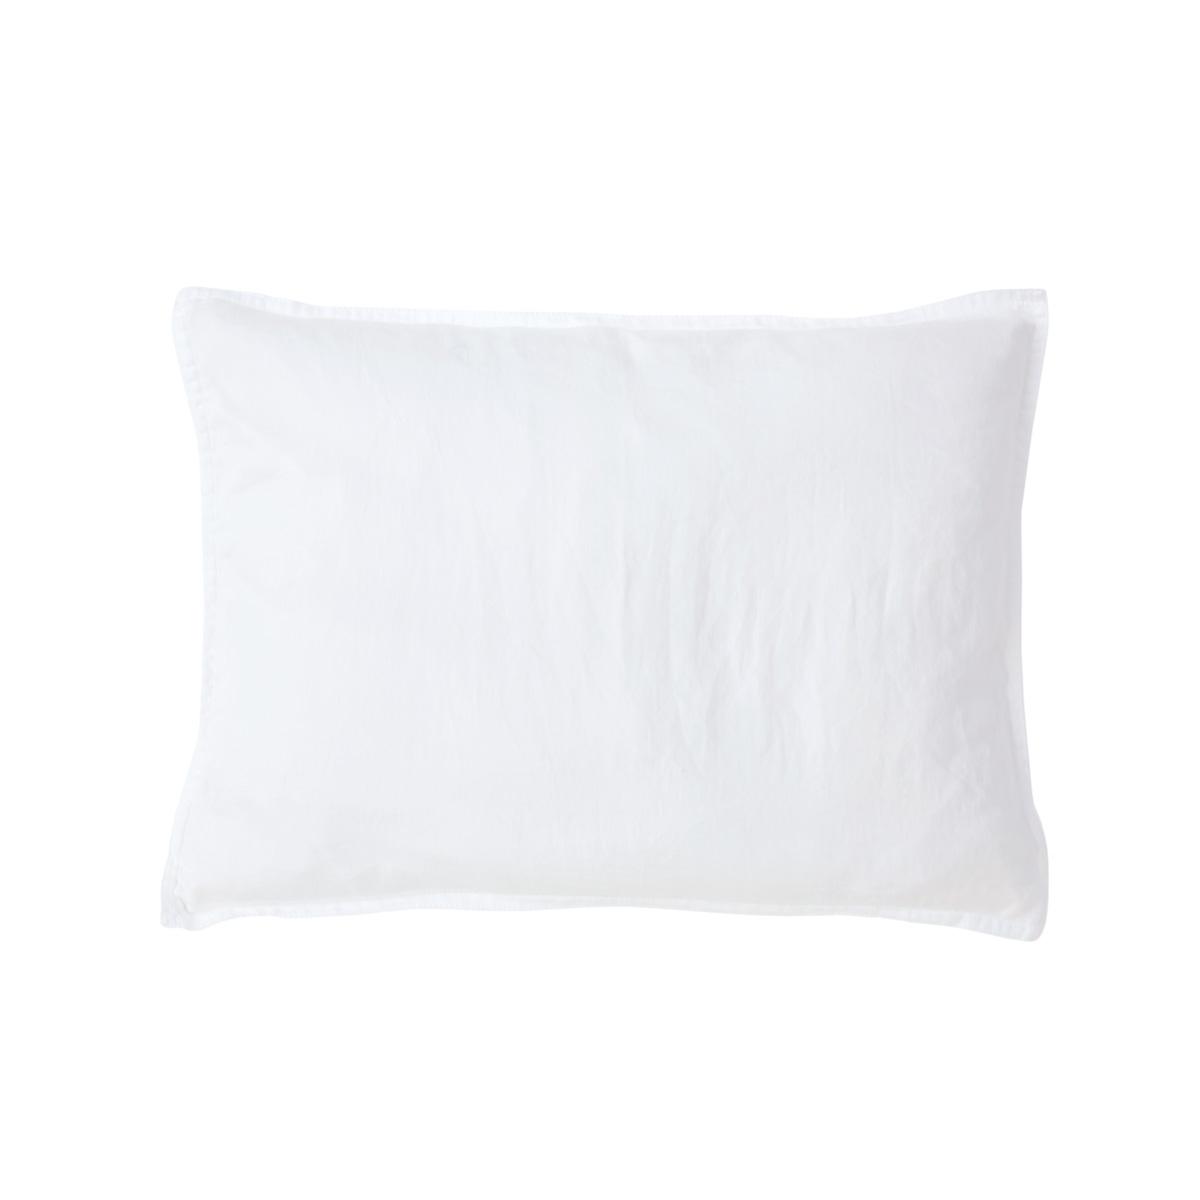 Taie d'oreiller satin Blanc 30 x 40 cm